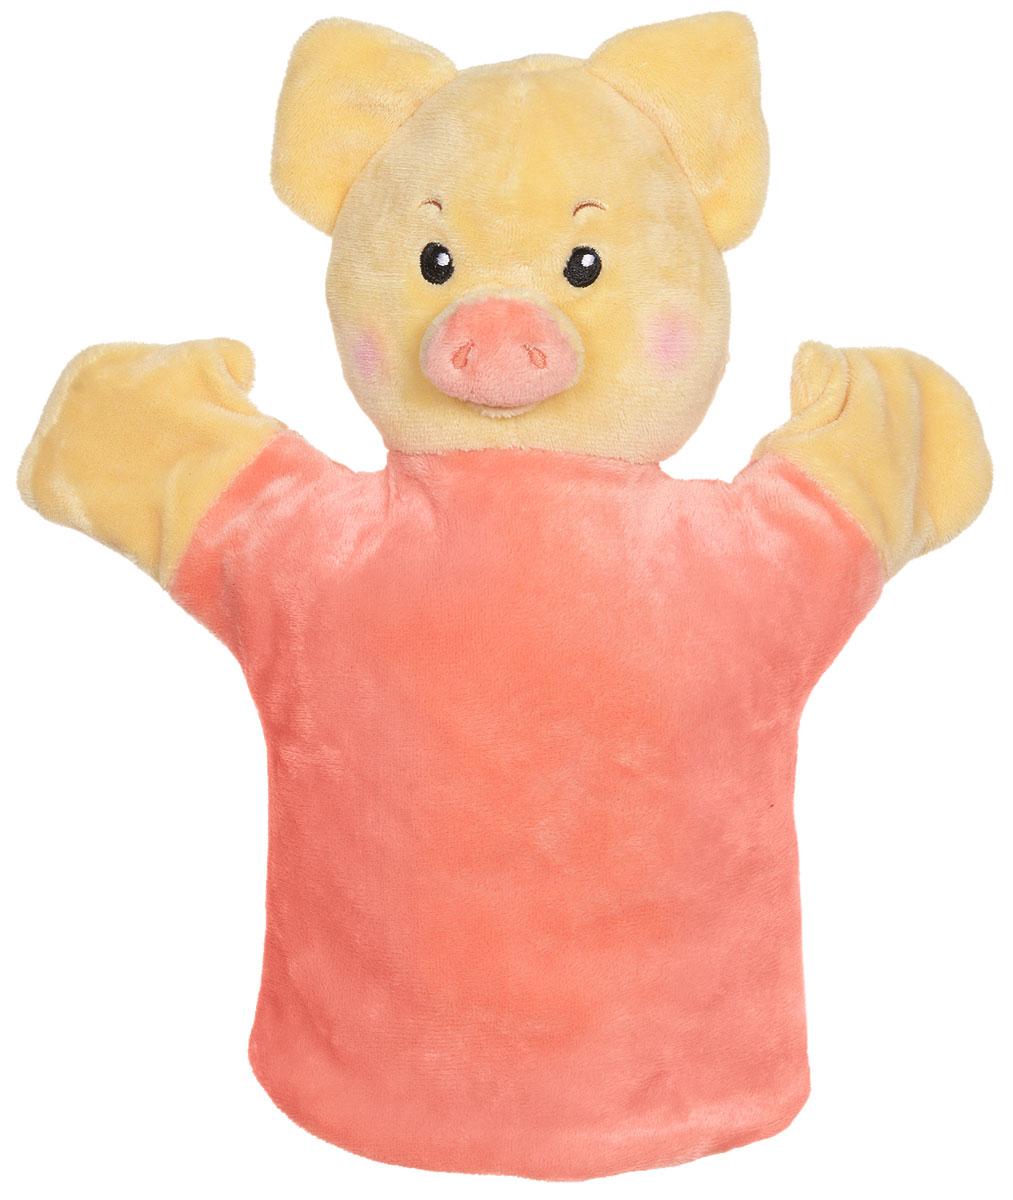 Купить Спокойной ночи, малыши! Кукла на руку Хрюша